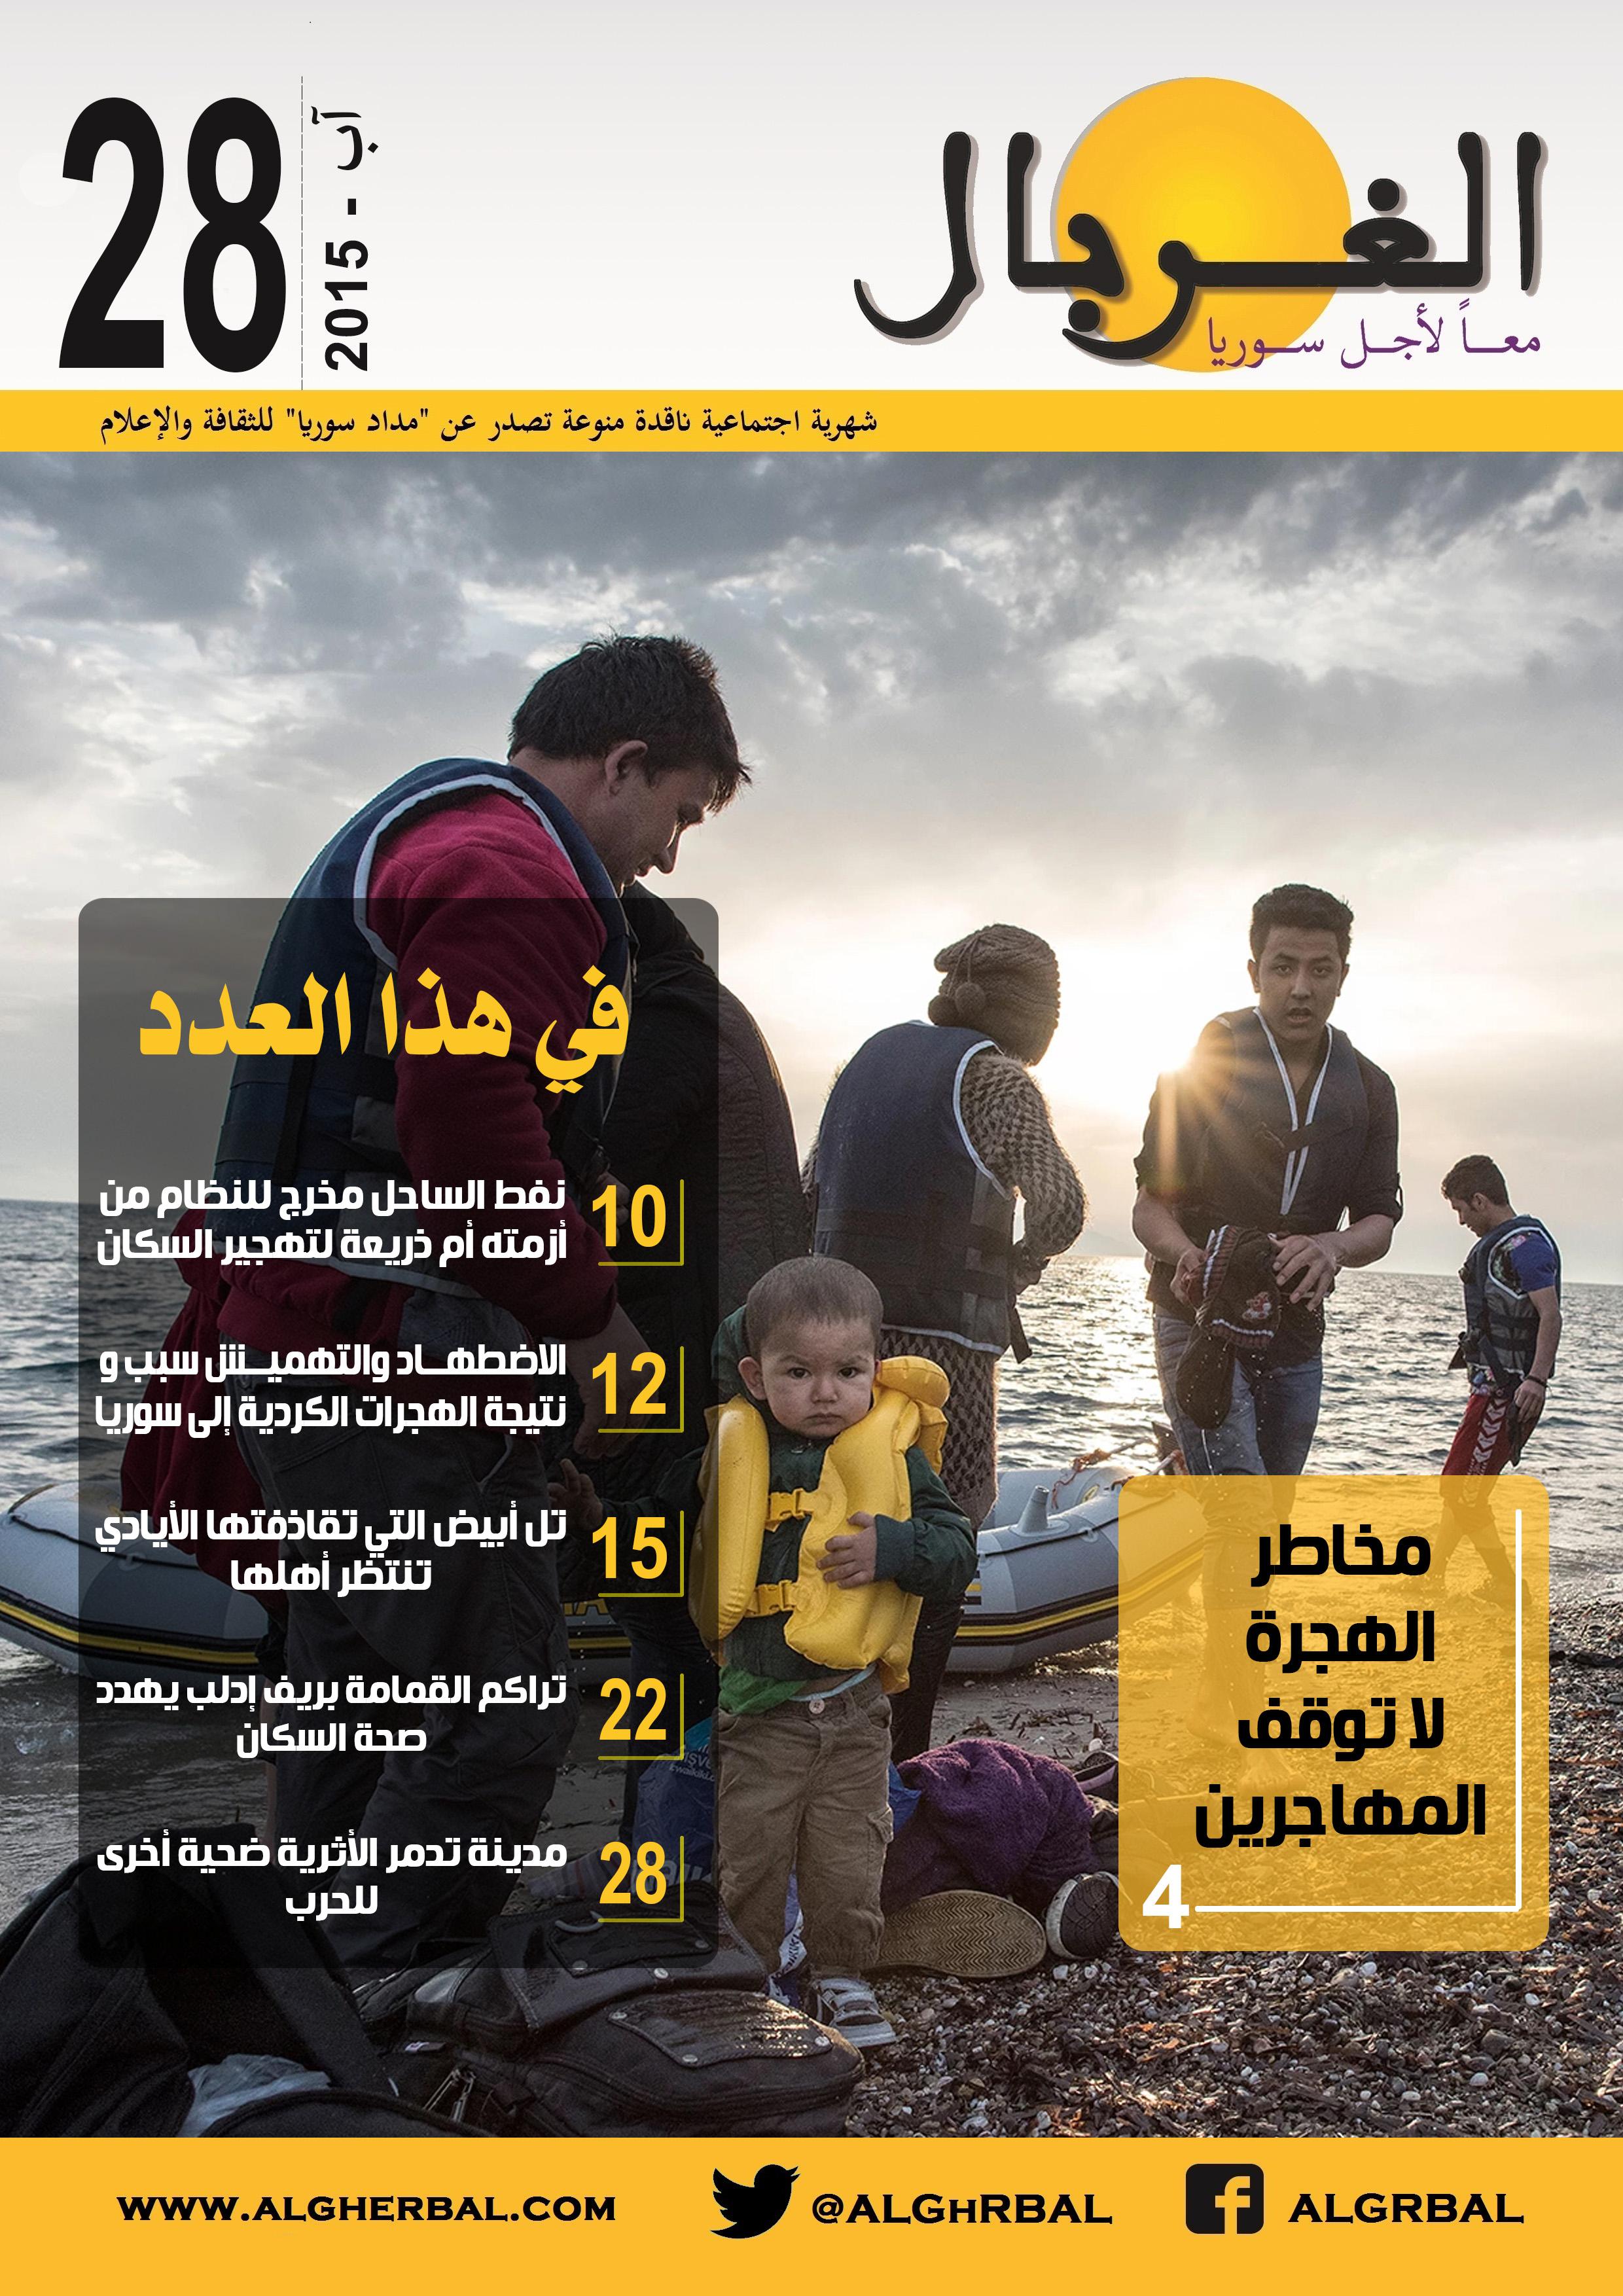 غلاف مجلة الغربال العدد 28